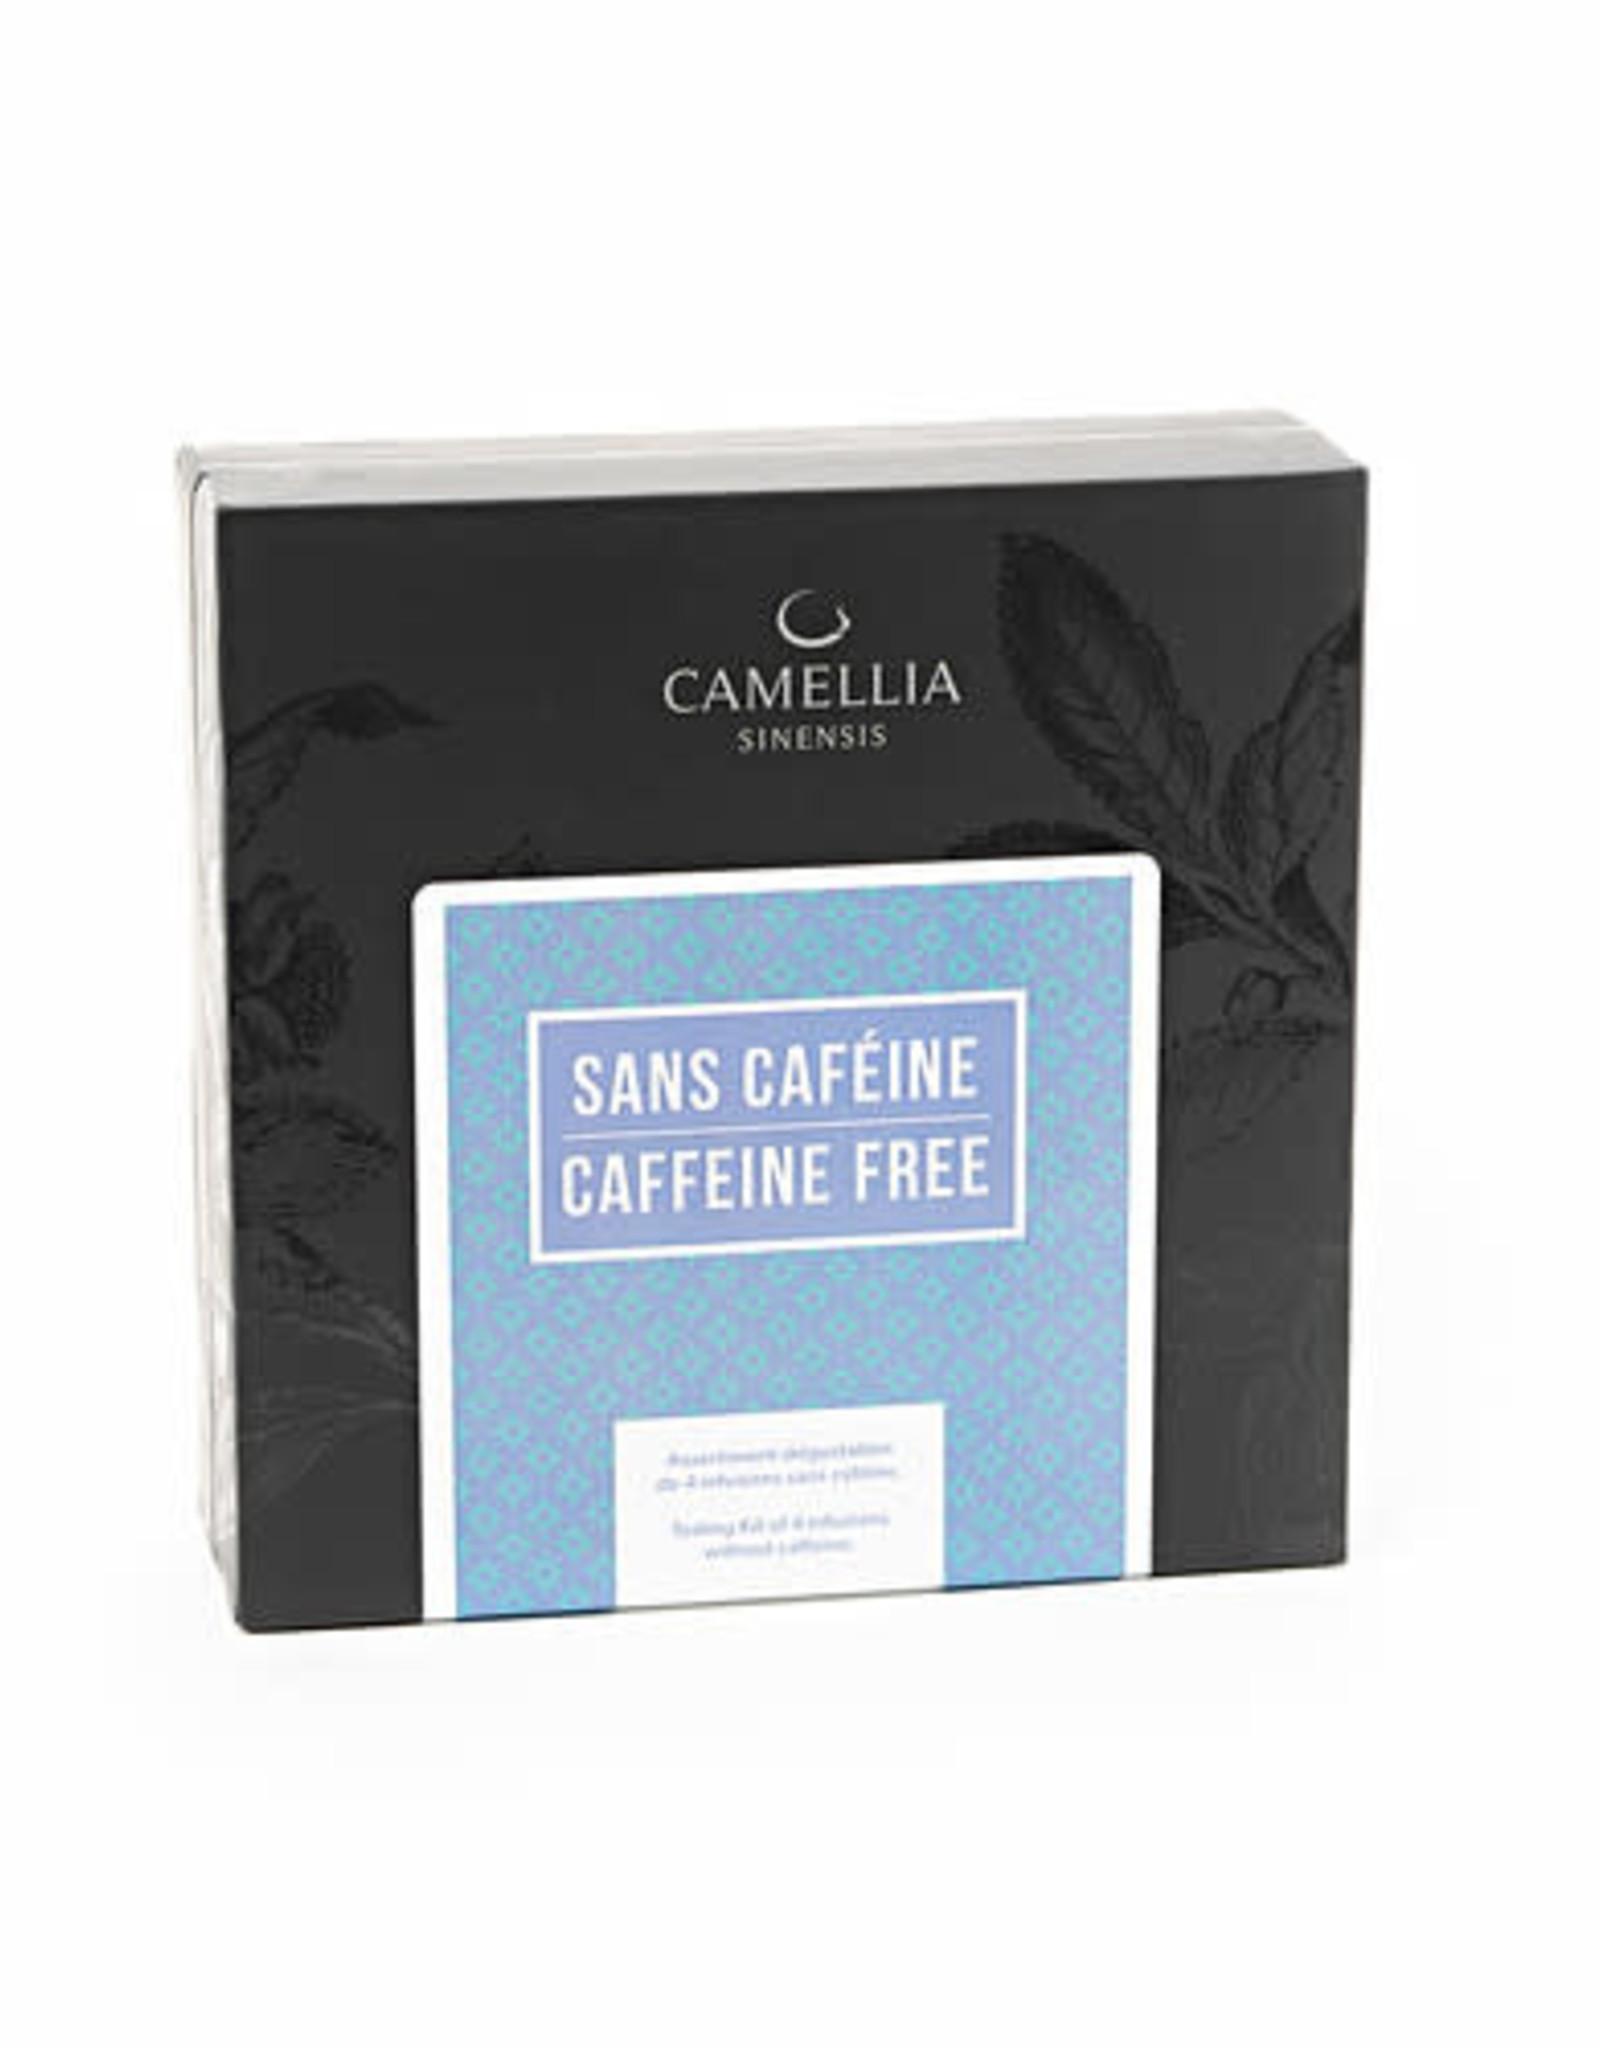 Camellia Sinensis Coffret Exploration 4 thé- Sans Caféine